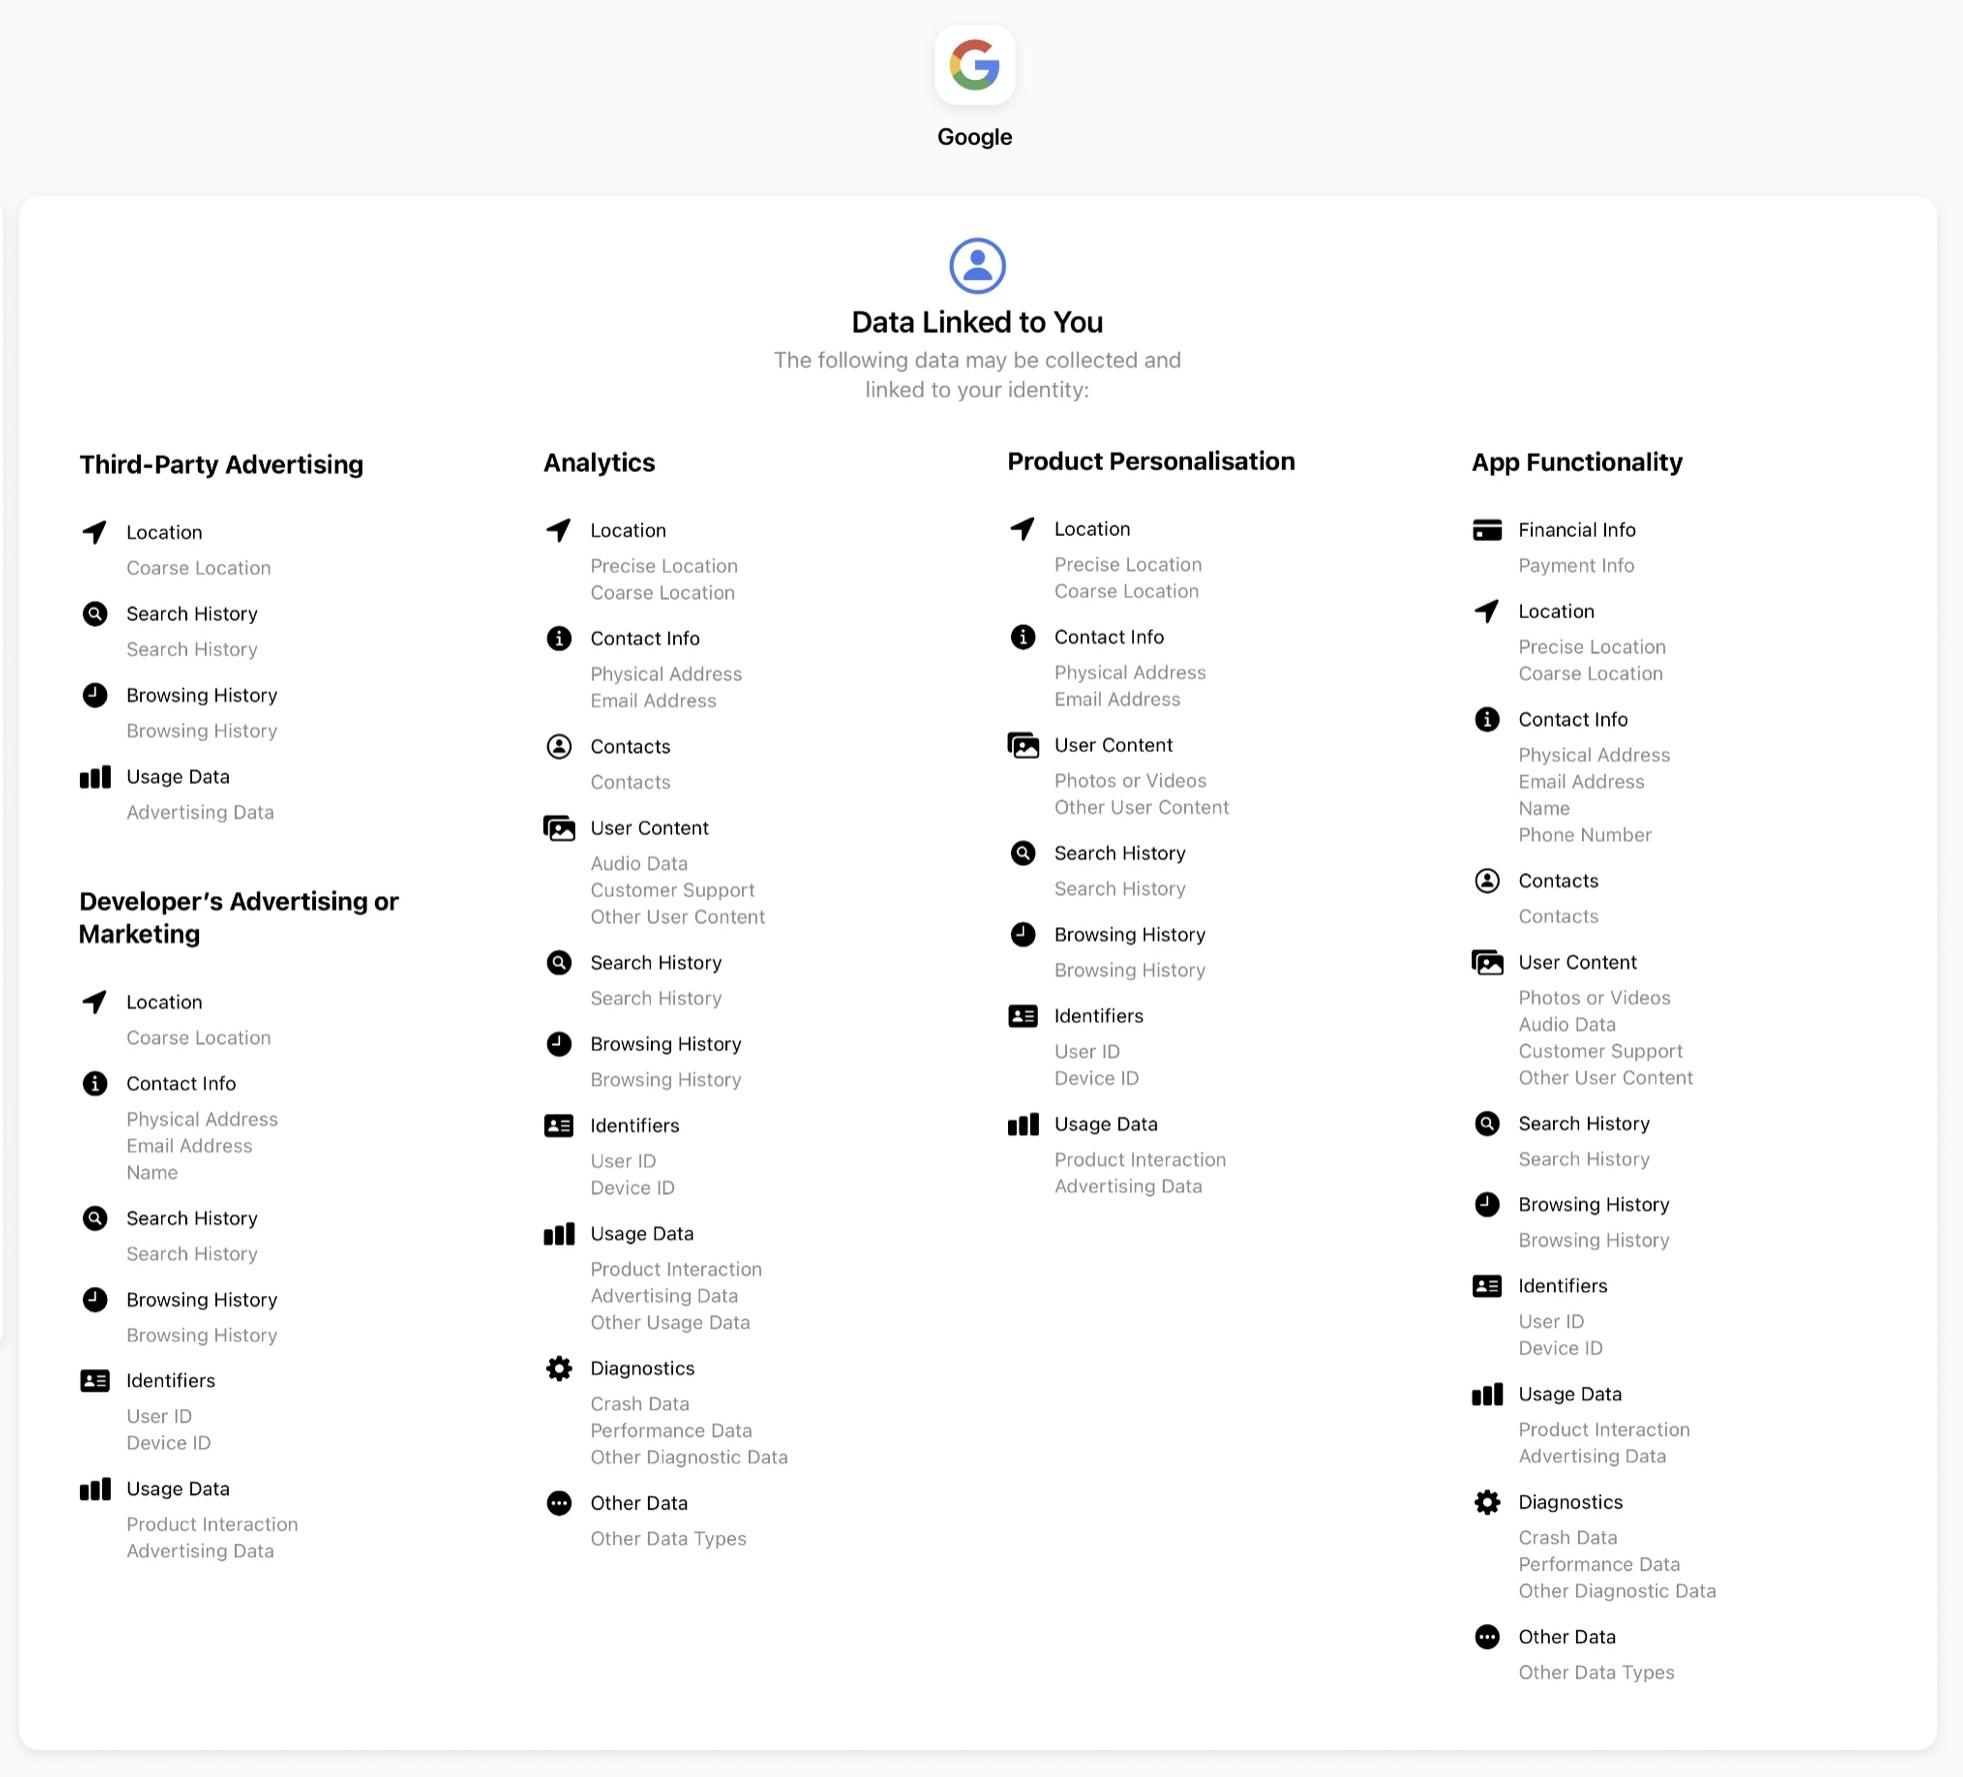 DuckDuckGo arrasa con Google sobre las nuevas etiquetas de privacidad de iOS